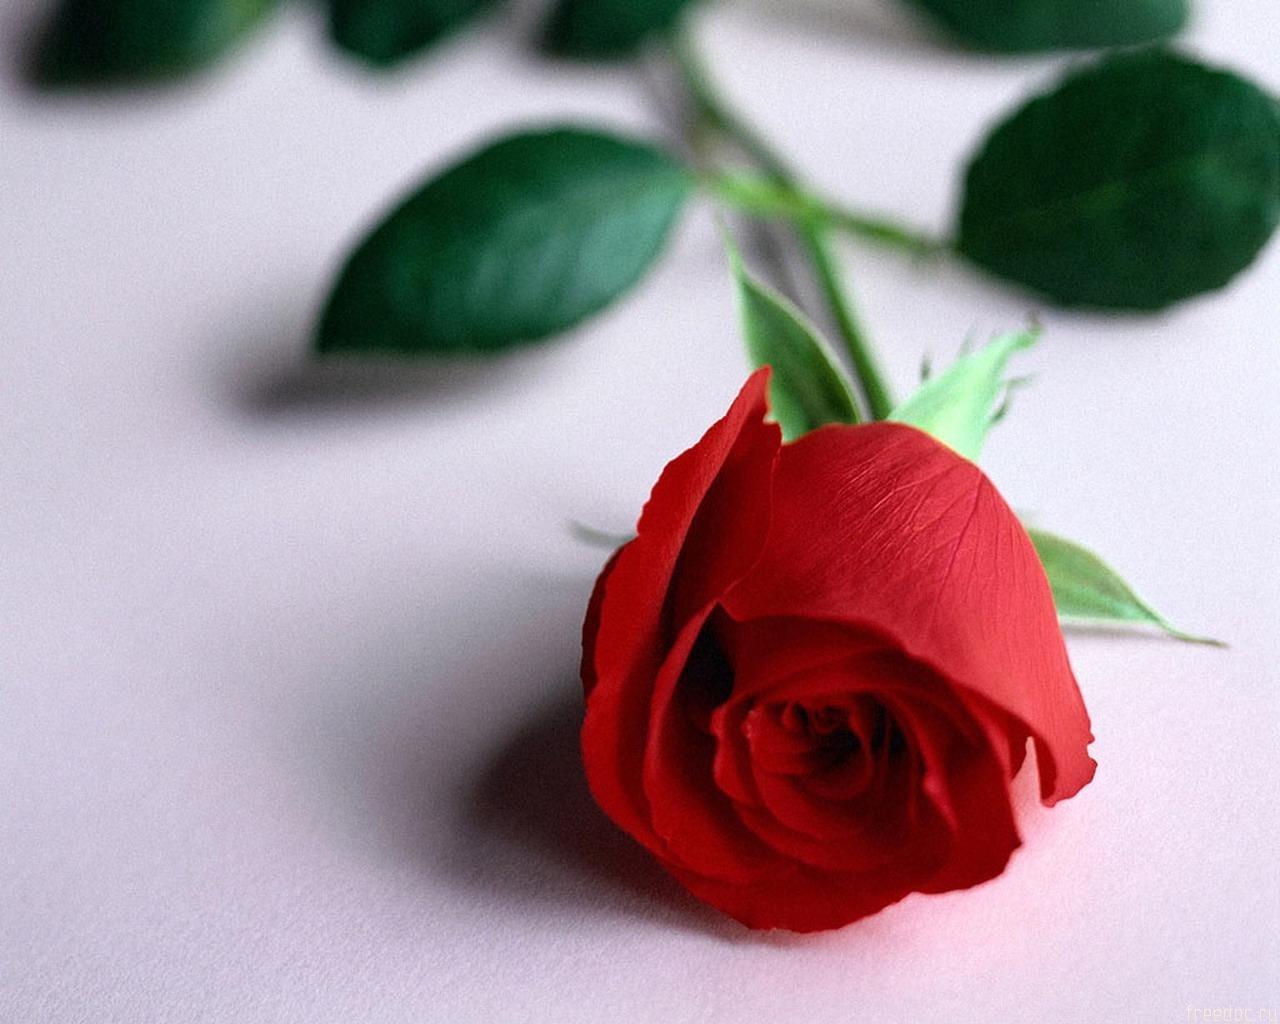 8903 скачать обои Растения, Цветы, Розы - заставки и картинки бесплатно